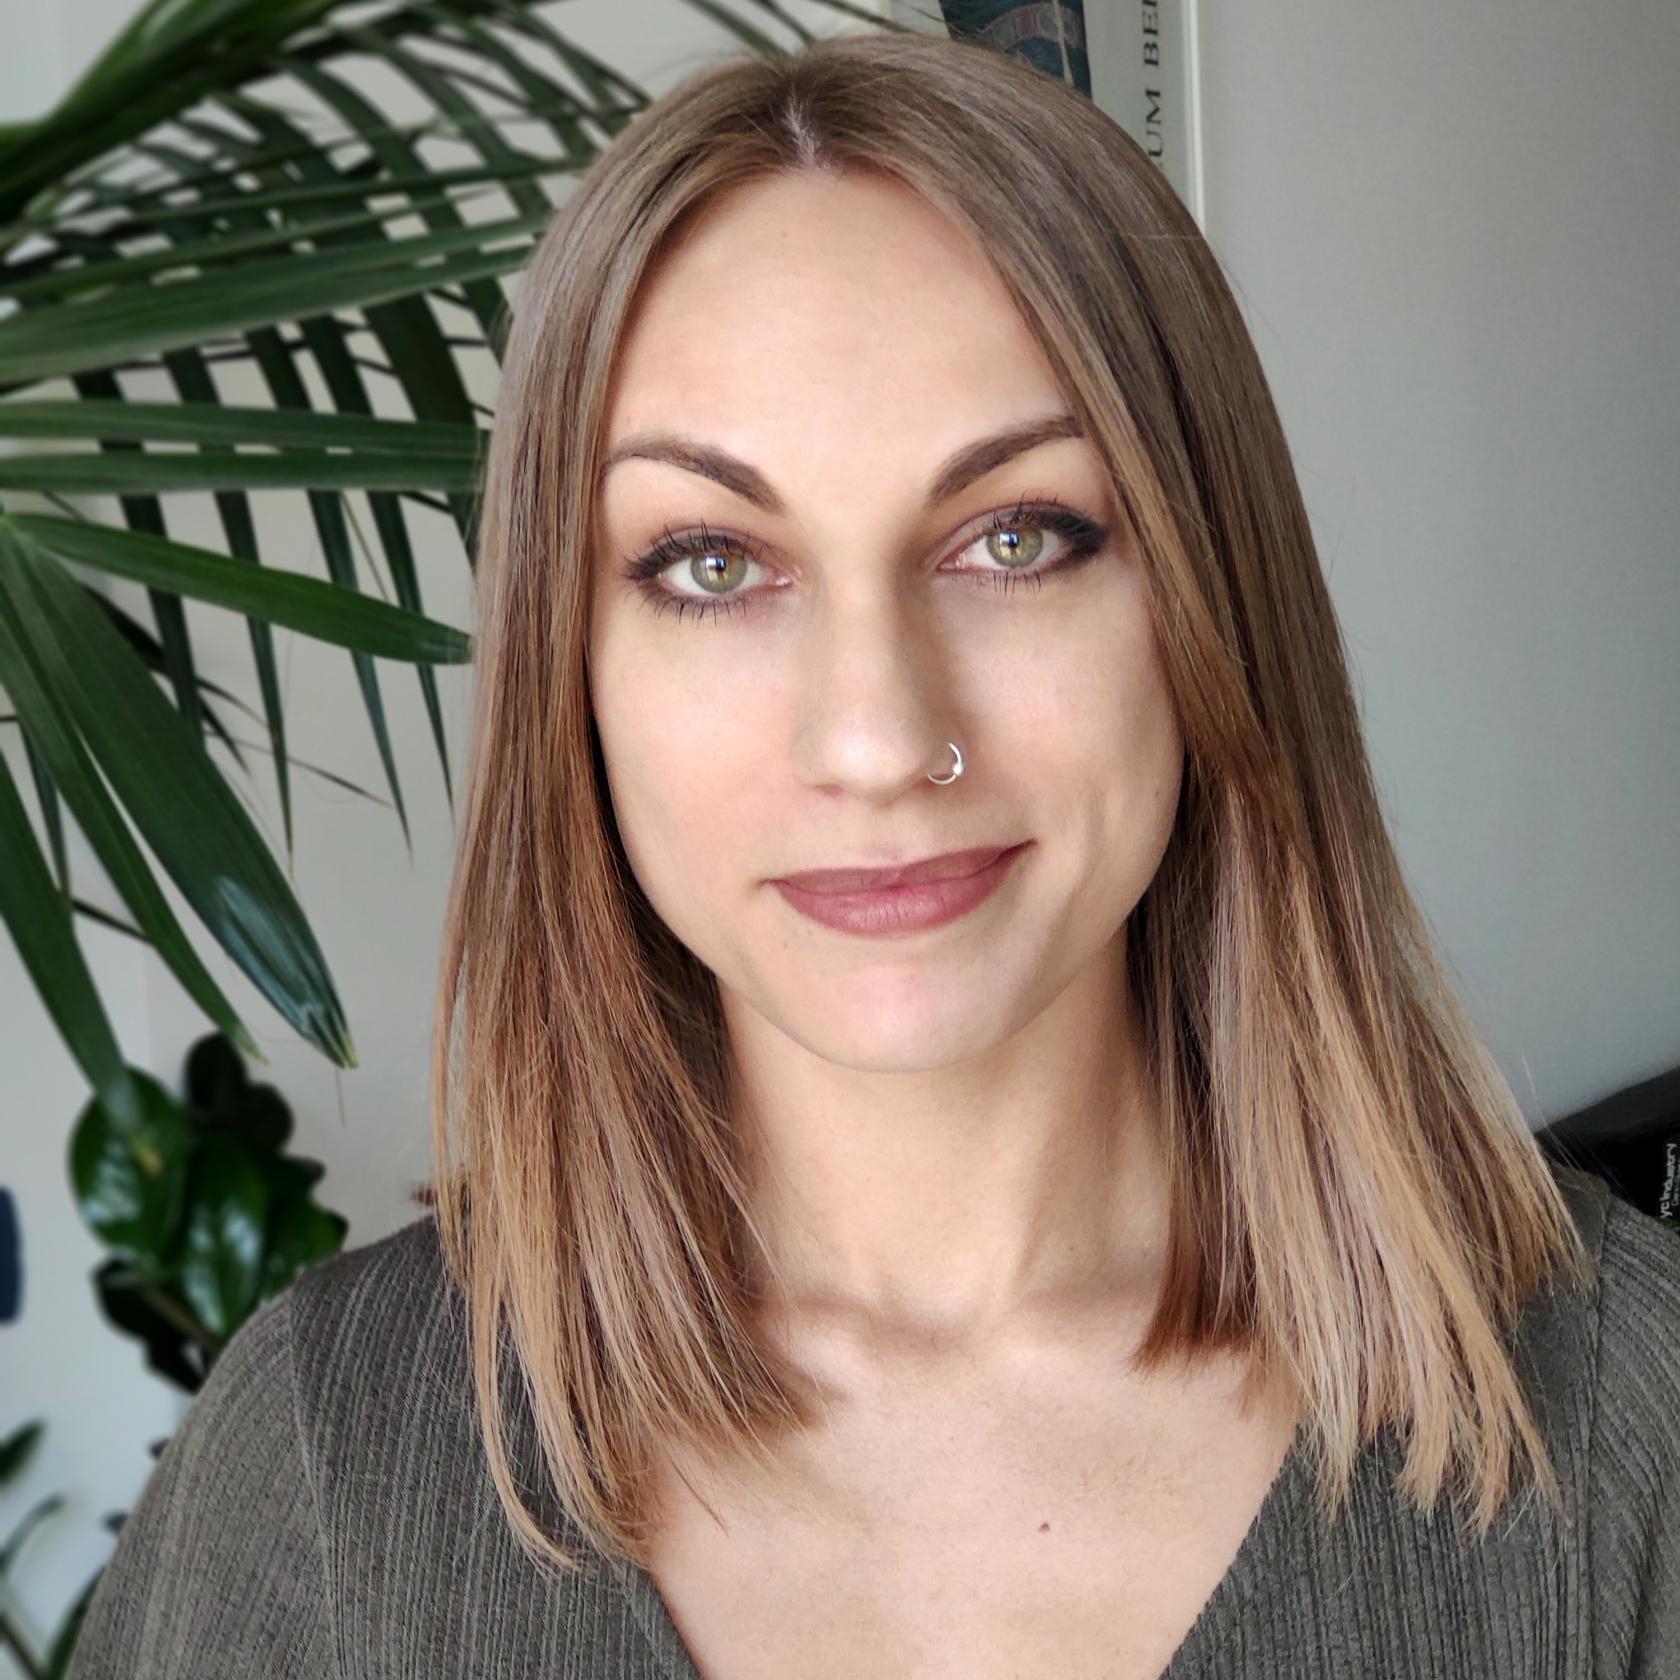 Erica Luzzi